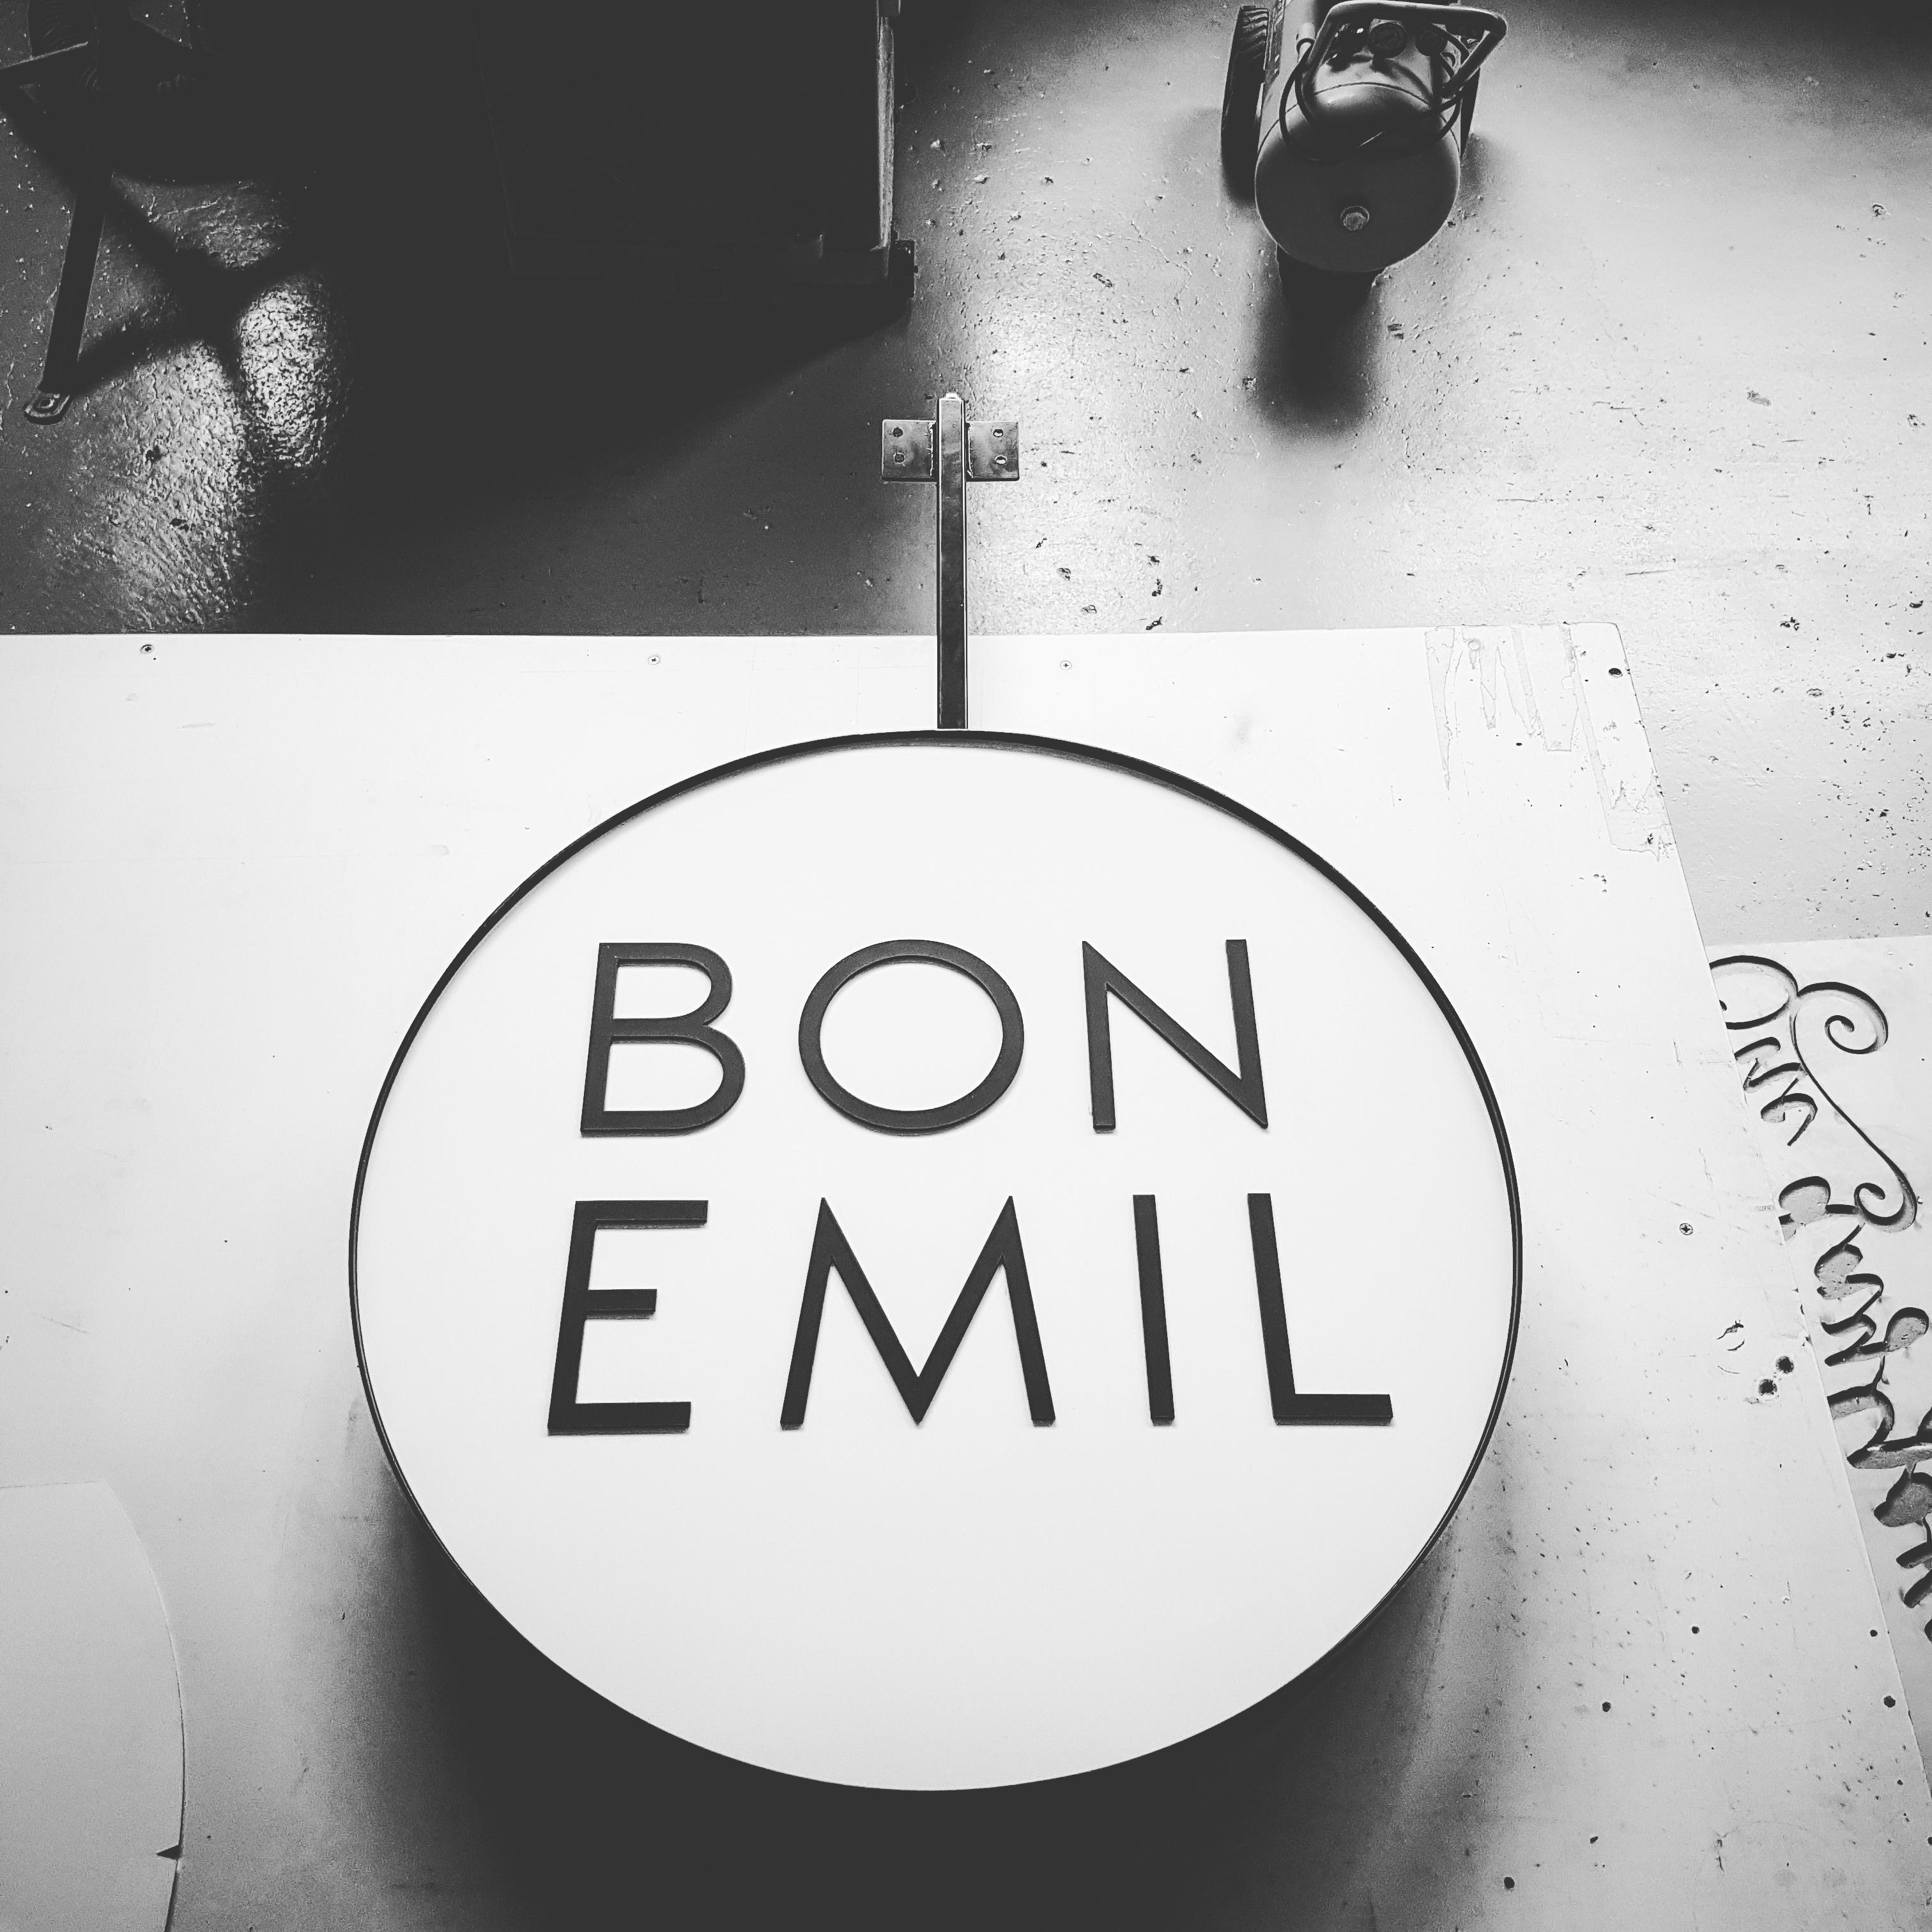 Bon Emil round sign